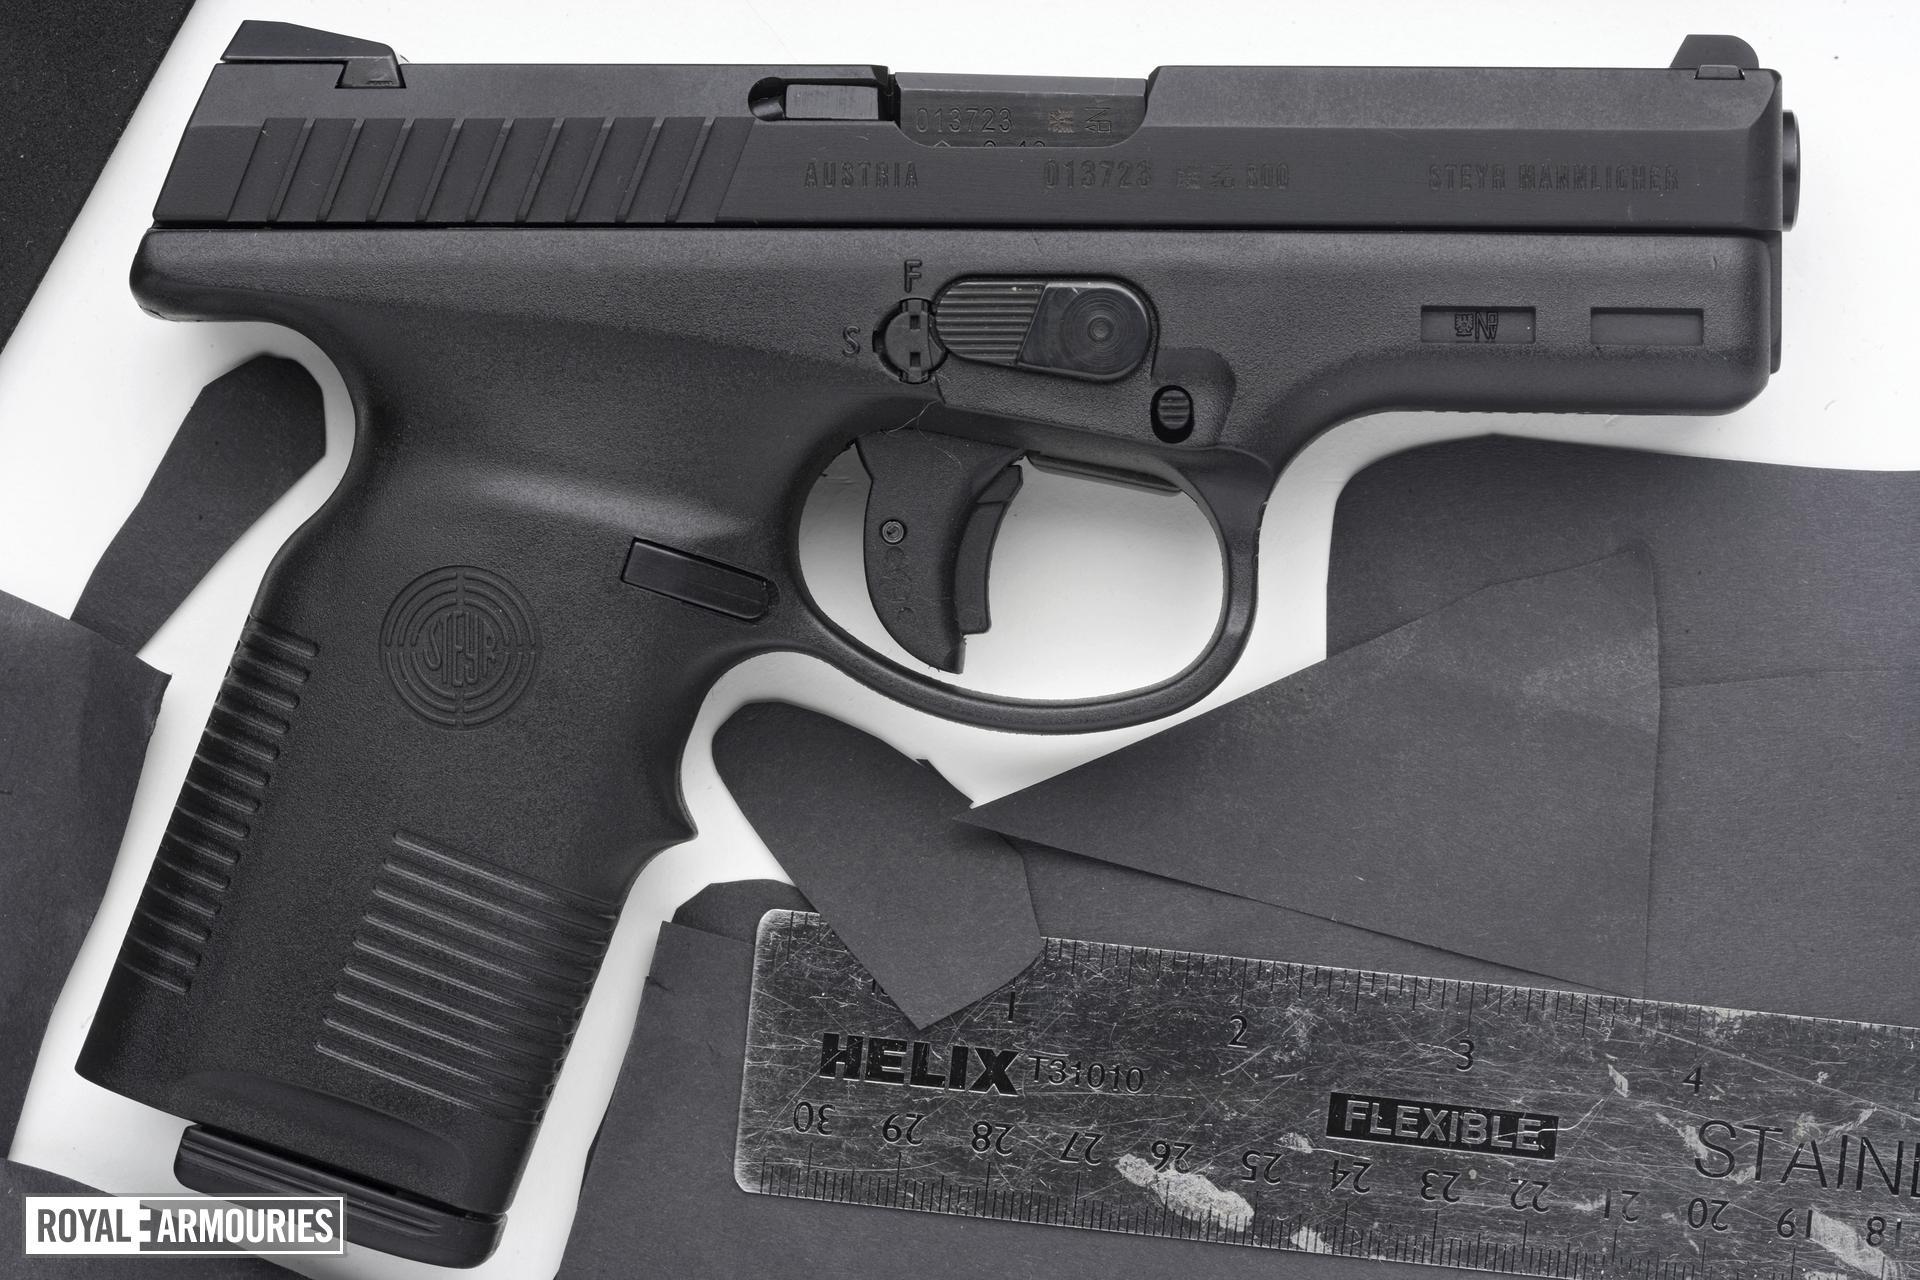 Centrefire self-loading pistol - Steyr M9